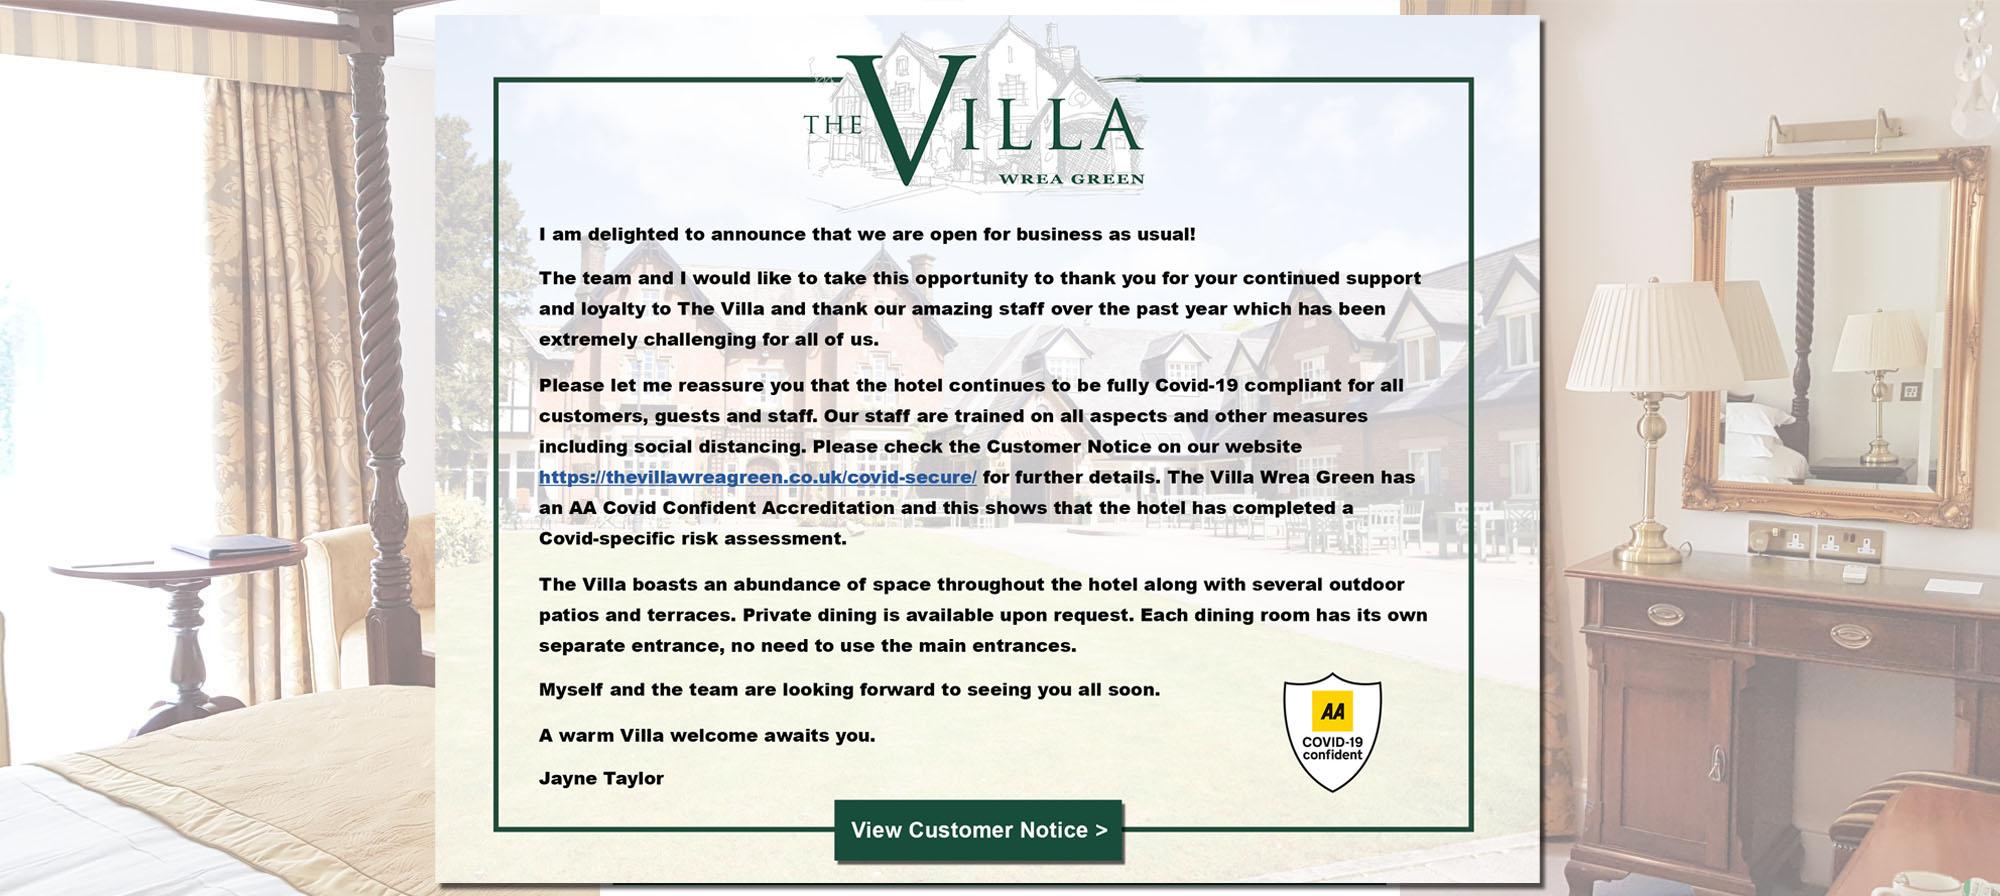 The Villa Wrea Green is Open